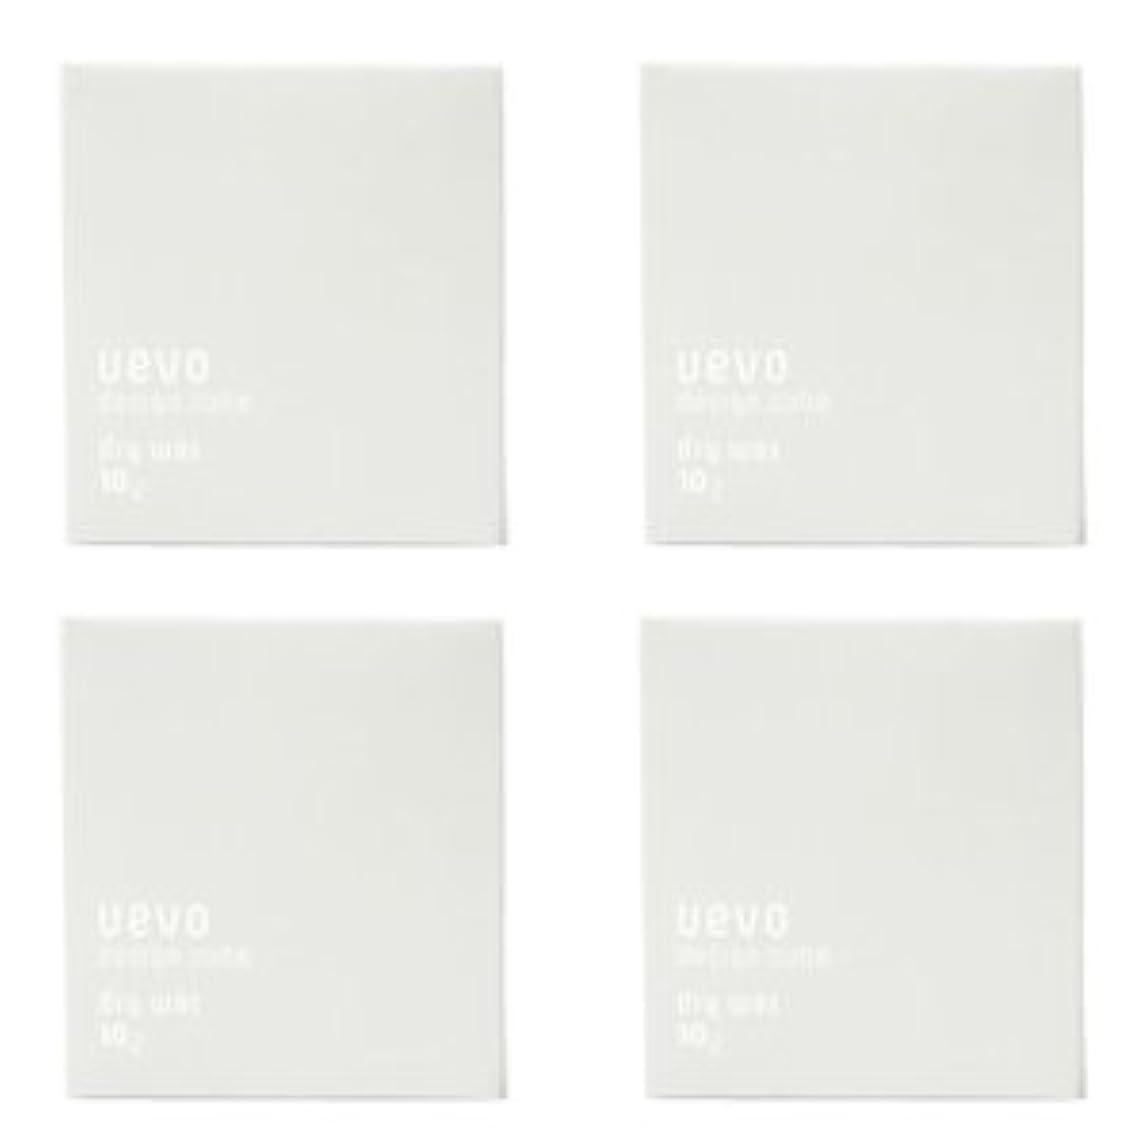 現象代表してスーダン【X4個セット】 デミ ウェーボ デザインキューブ ドライワックス 80g dry wax